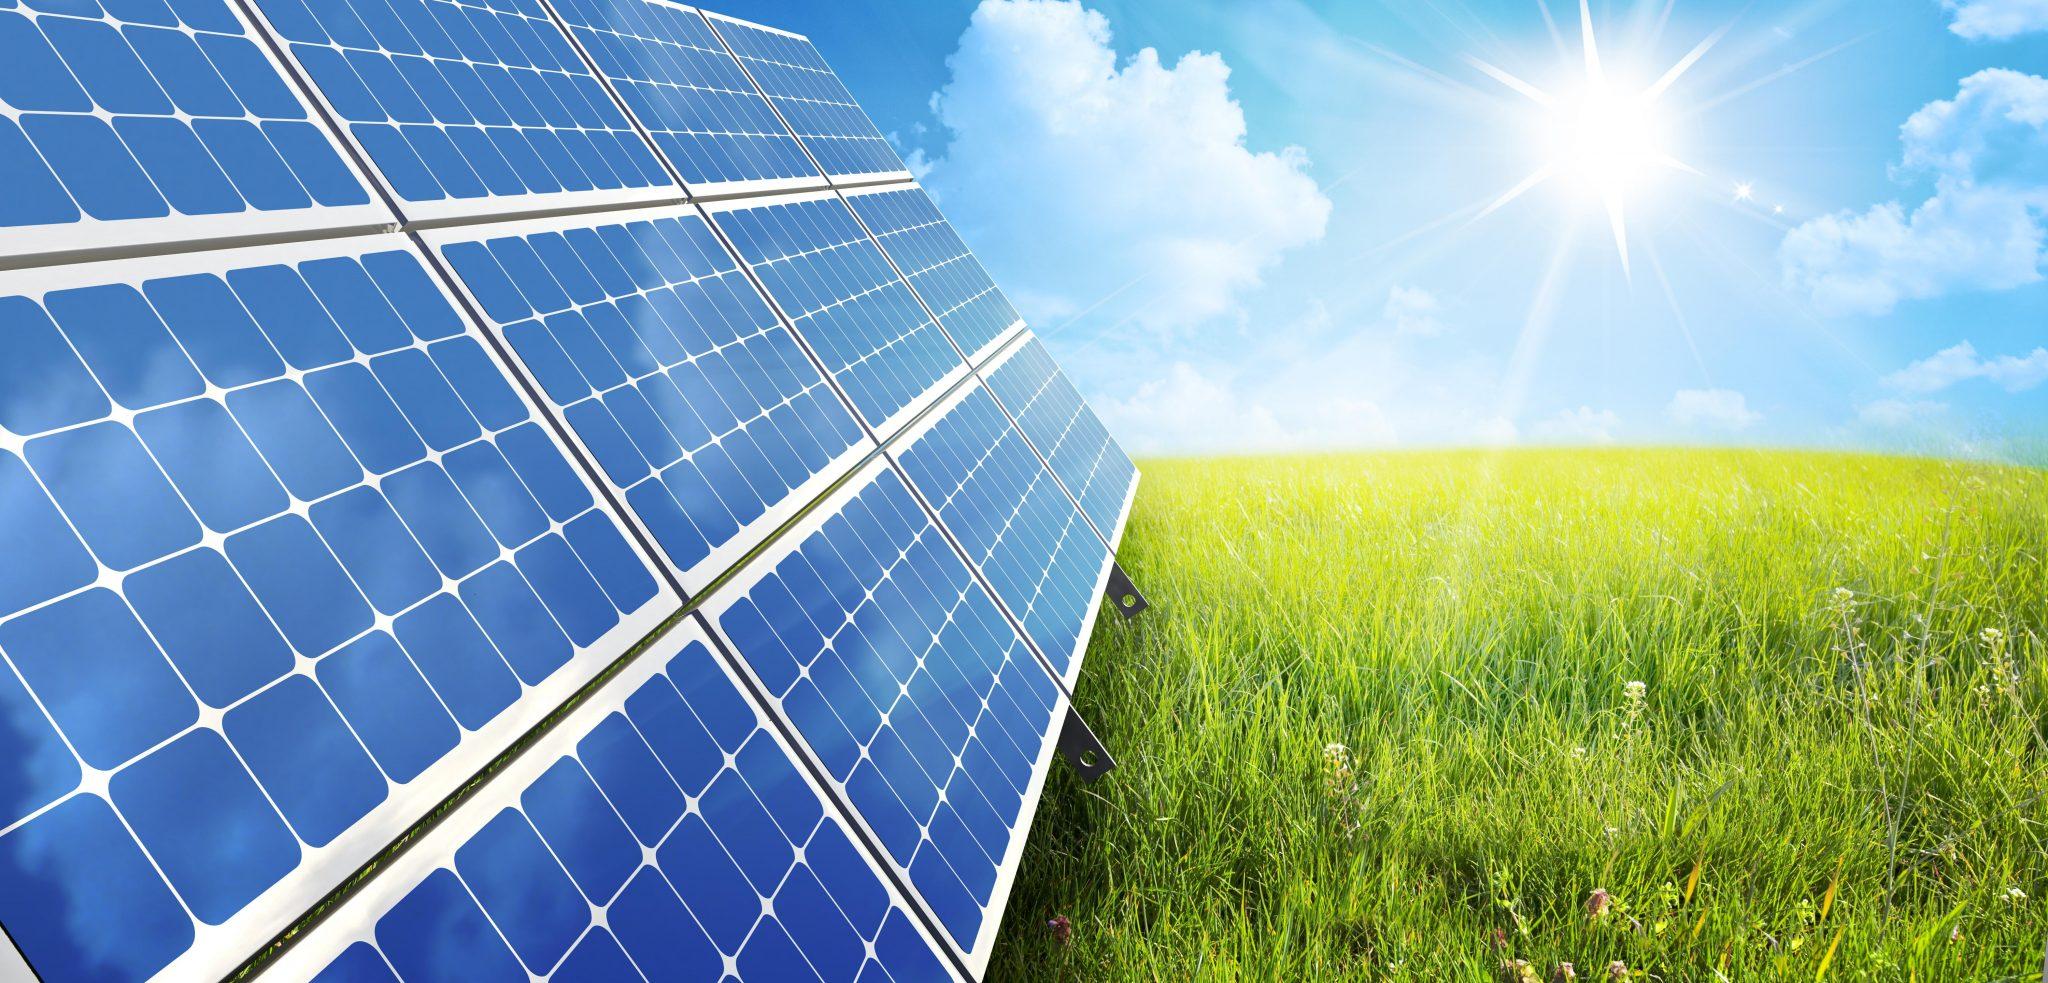 انرژی خورشیدی و کاربرد های آن-درست مصرف کنیم - آموزش همگانی - آگاهی مصرف